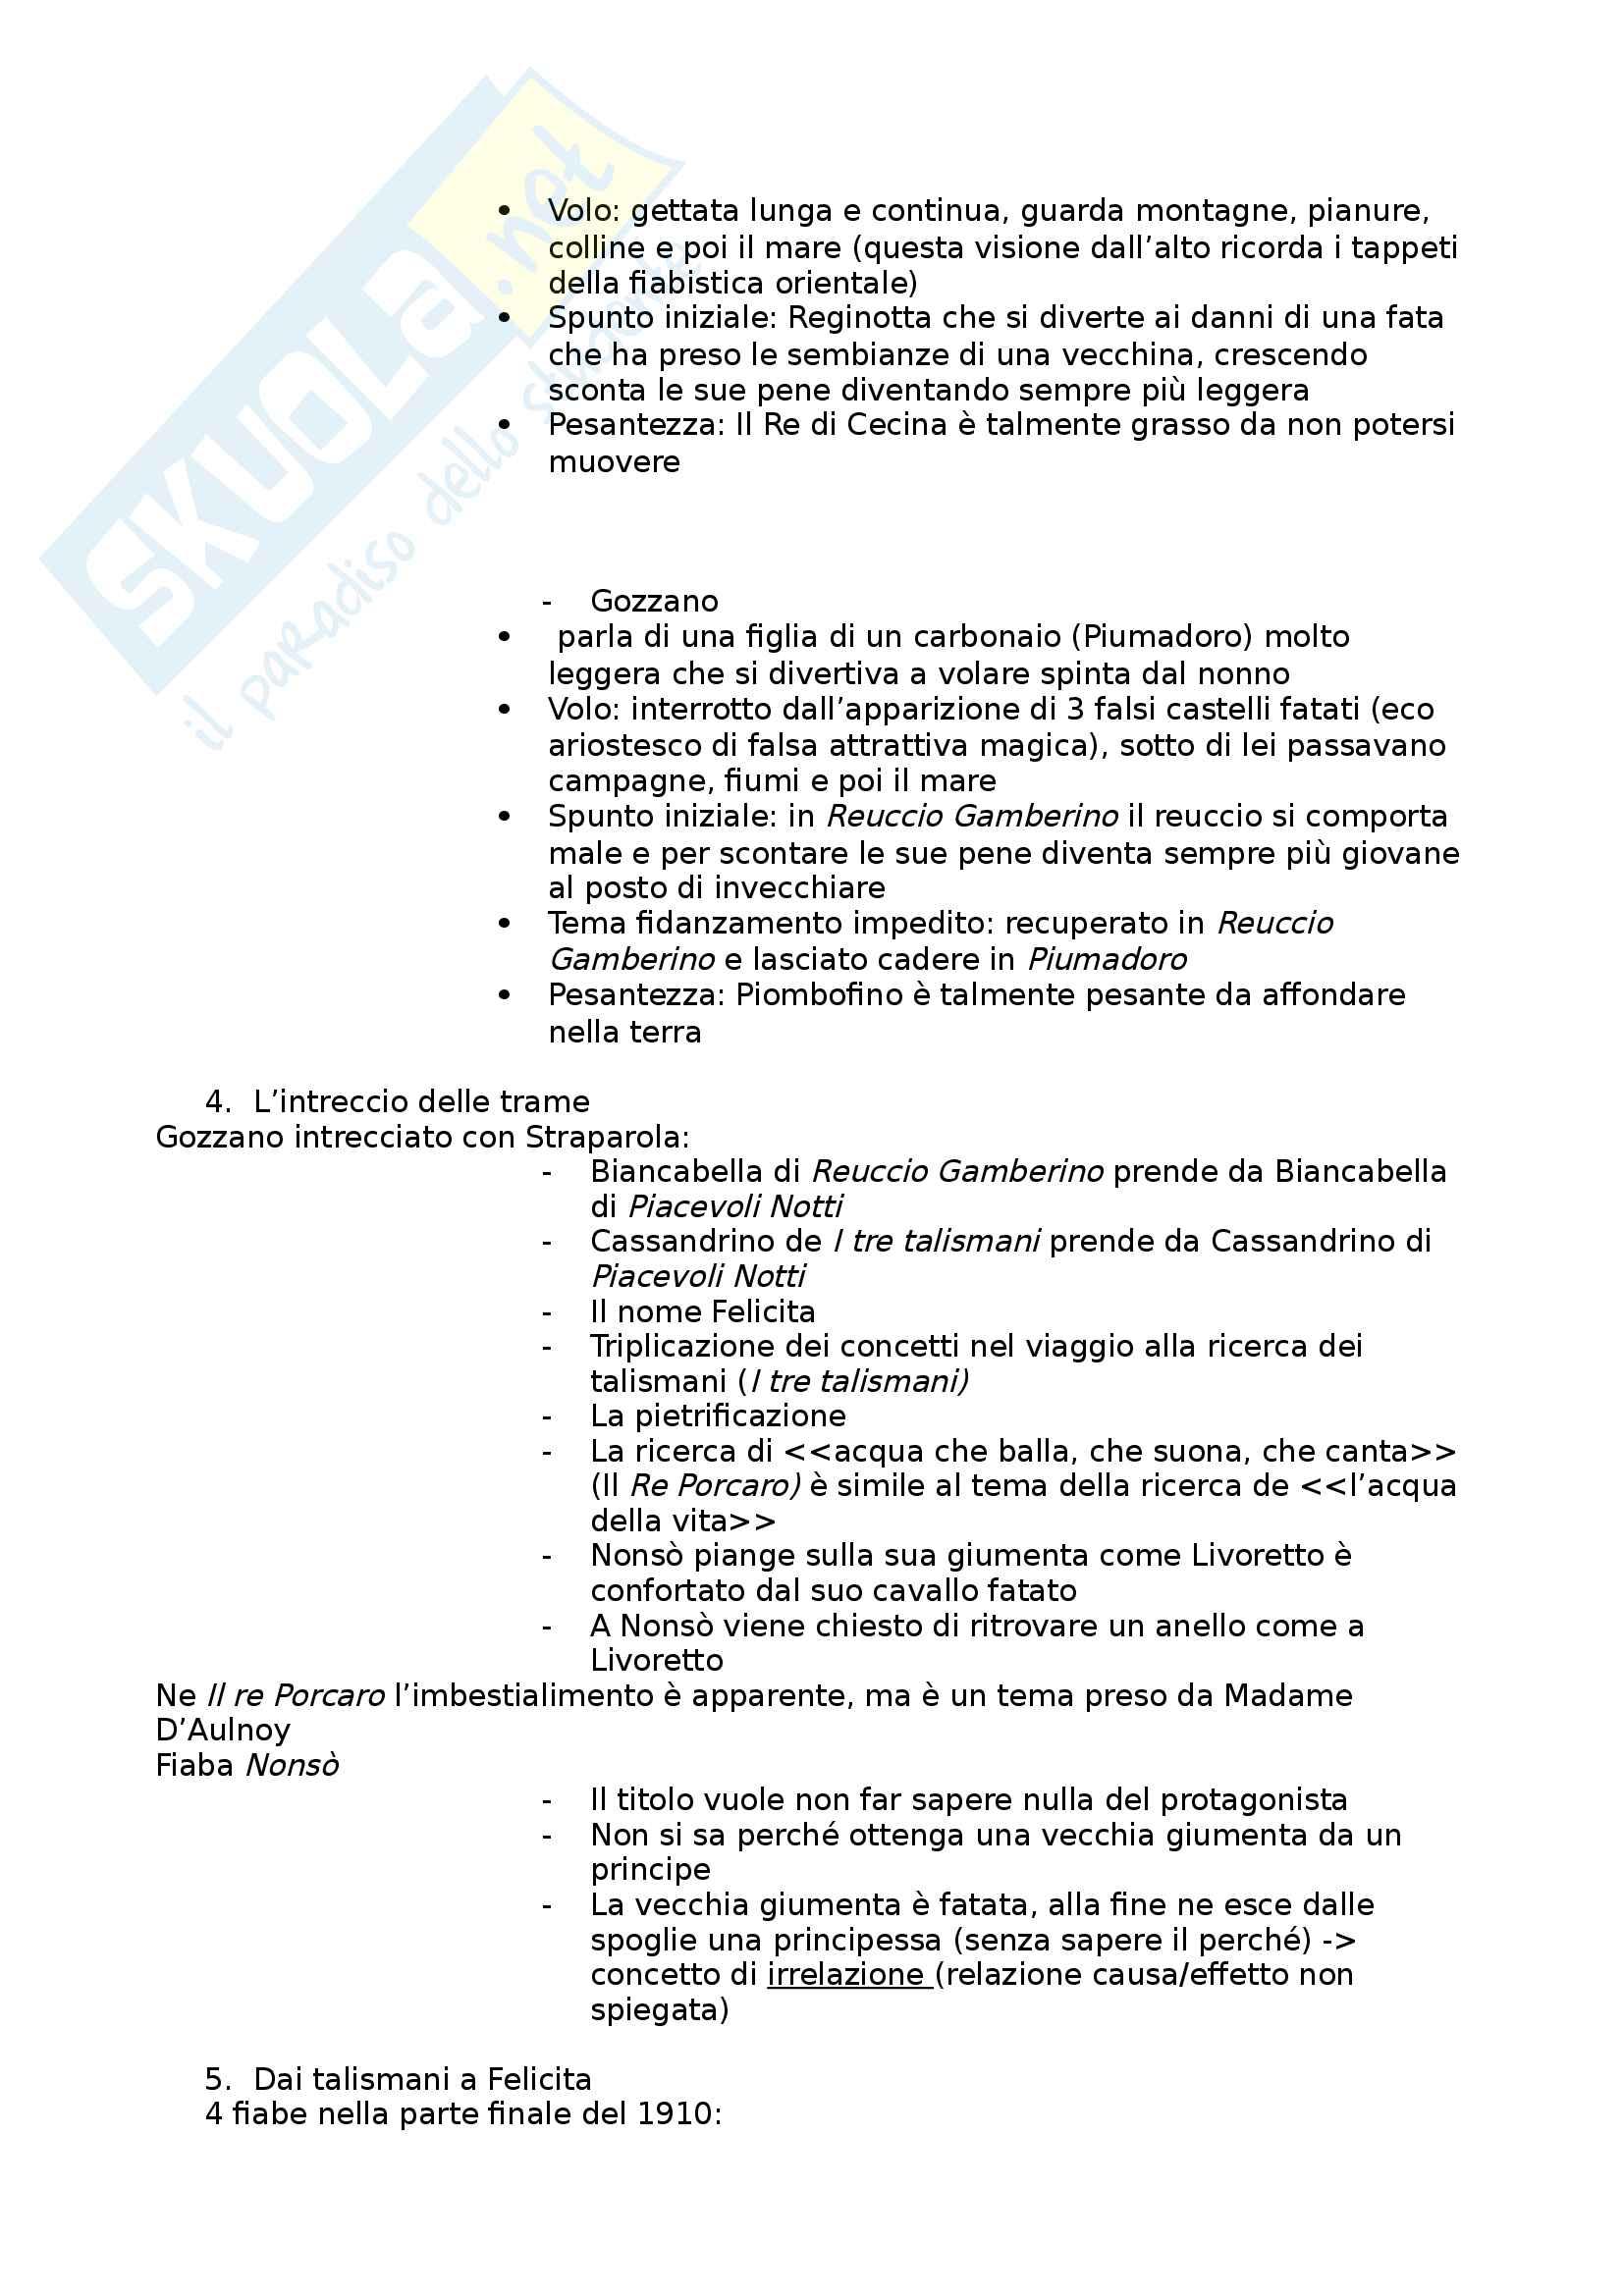 Riassunto esame letteratura italiana, prof. Masoero, libro cosigliato I Tre Talismani, Gozzano Pag. 2